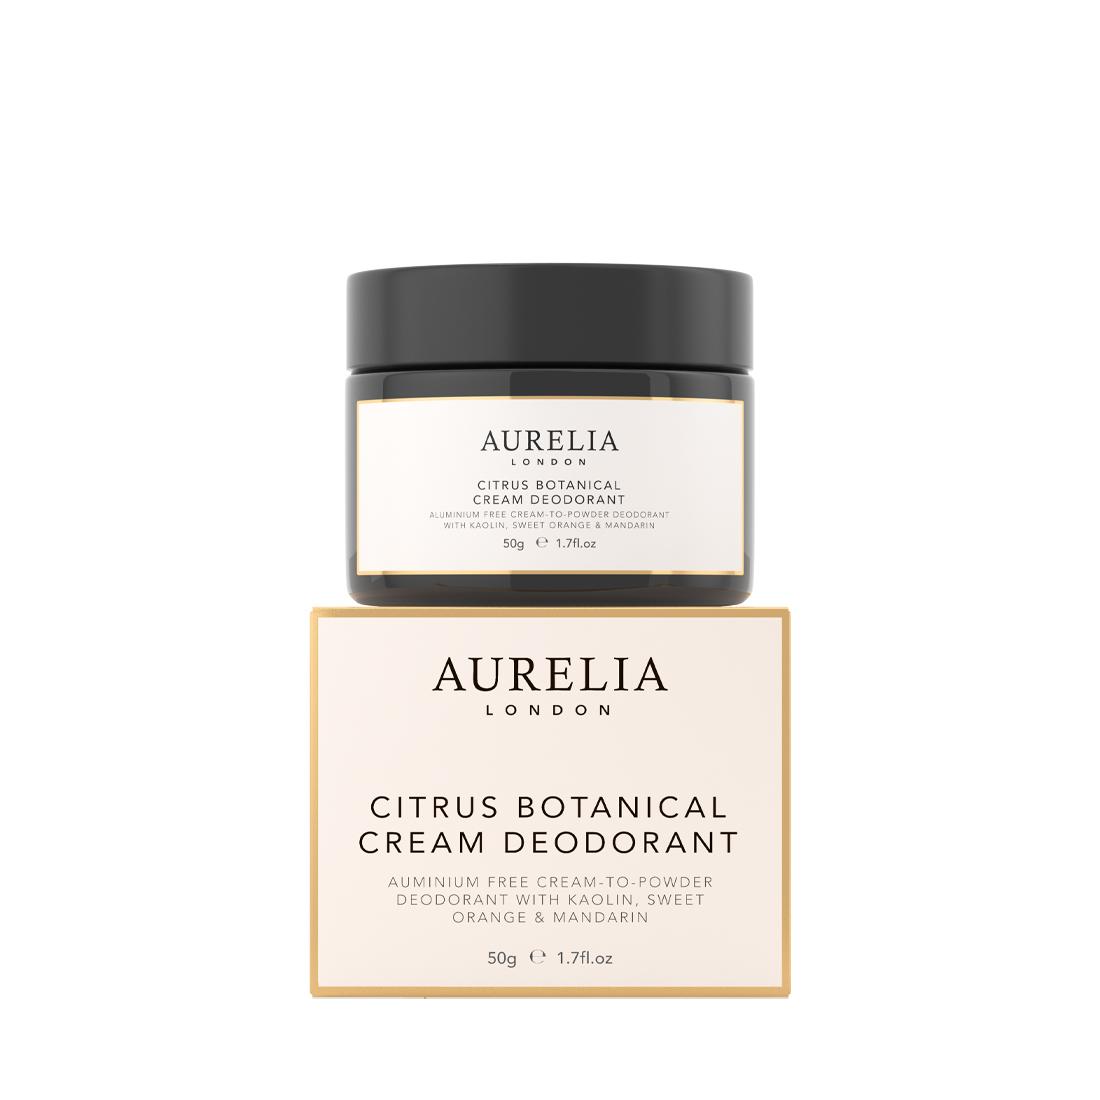 An image of Citrus Botanical Cream Deodorant 50g Aurelia London, Vegan & aluminium free natu...